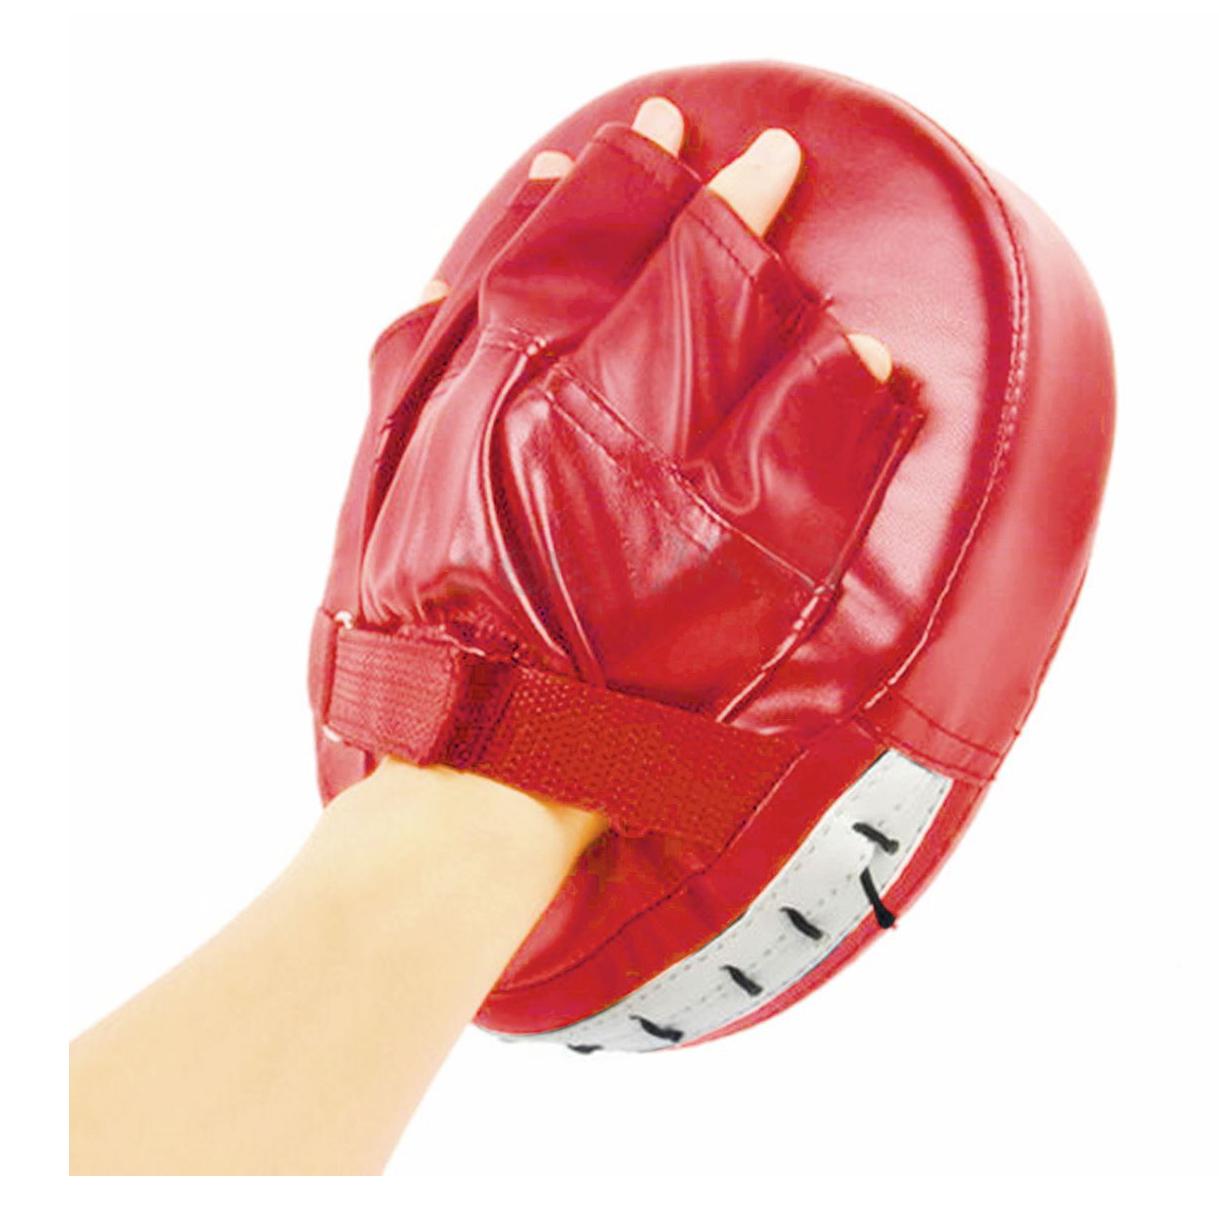 Workout Gloves Target: Boxing Training Glove Mitt Target Focus Punching Pad